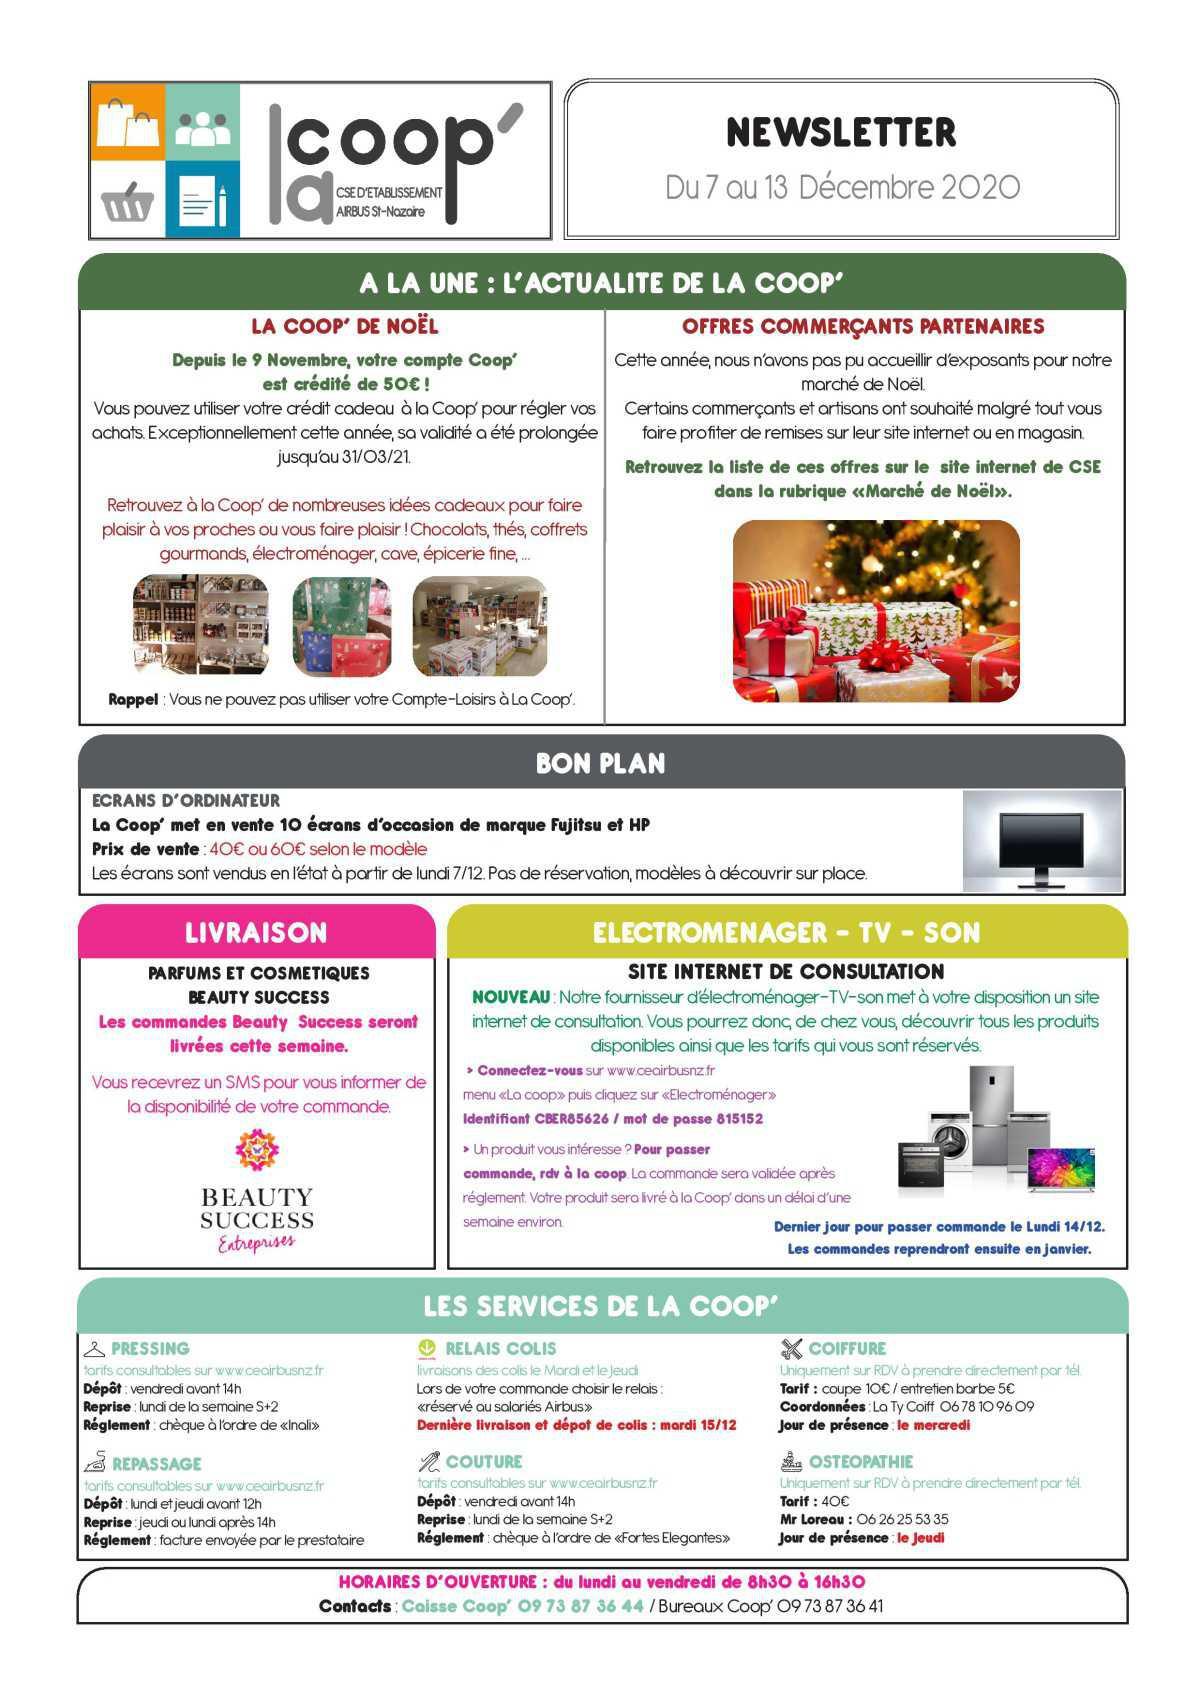 Informations du CSE et de la COOP semaine 50